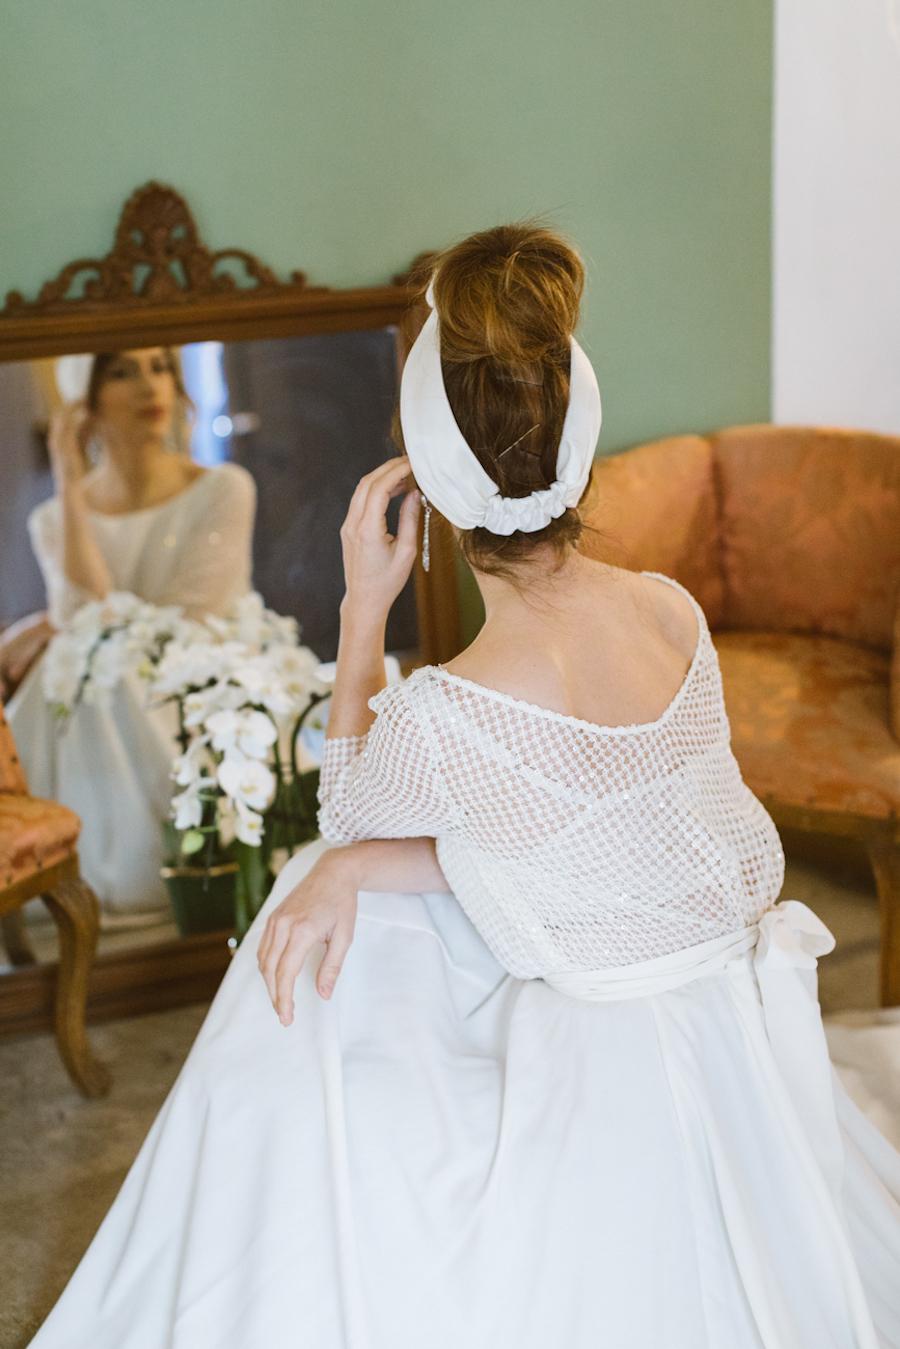 Partecipazioni Matrimonio Anni 70.Ispirazione Vintage Anni 70 Wedding Wonderland